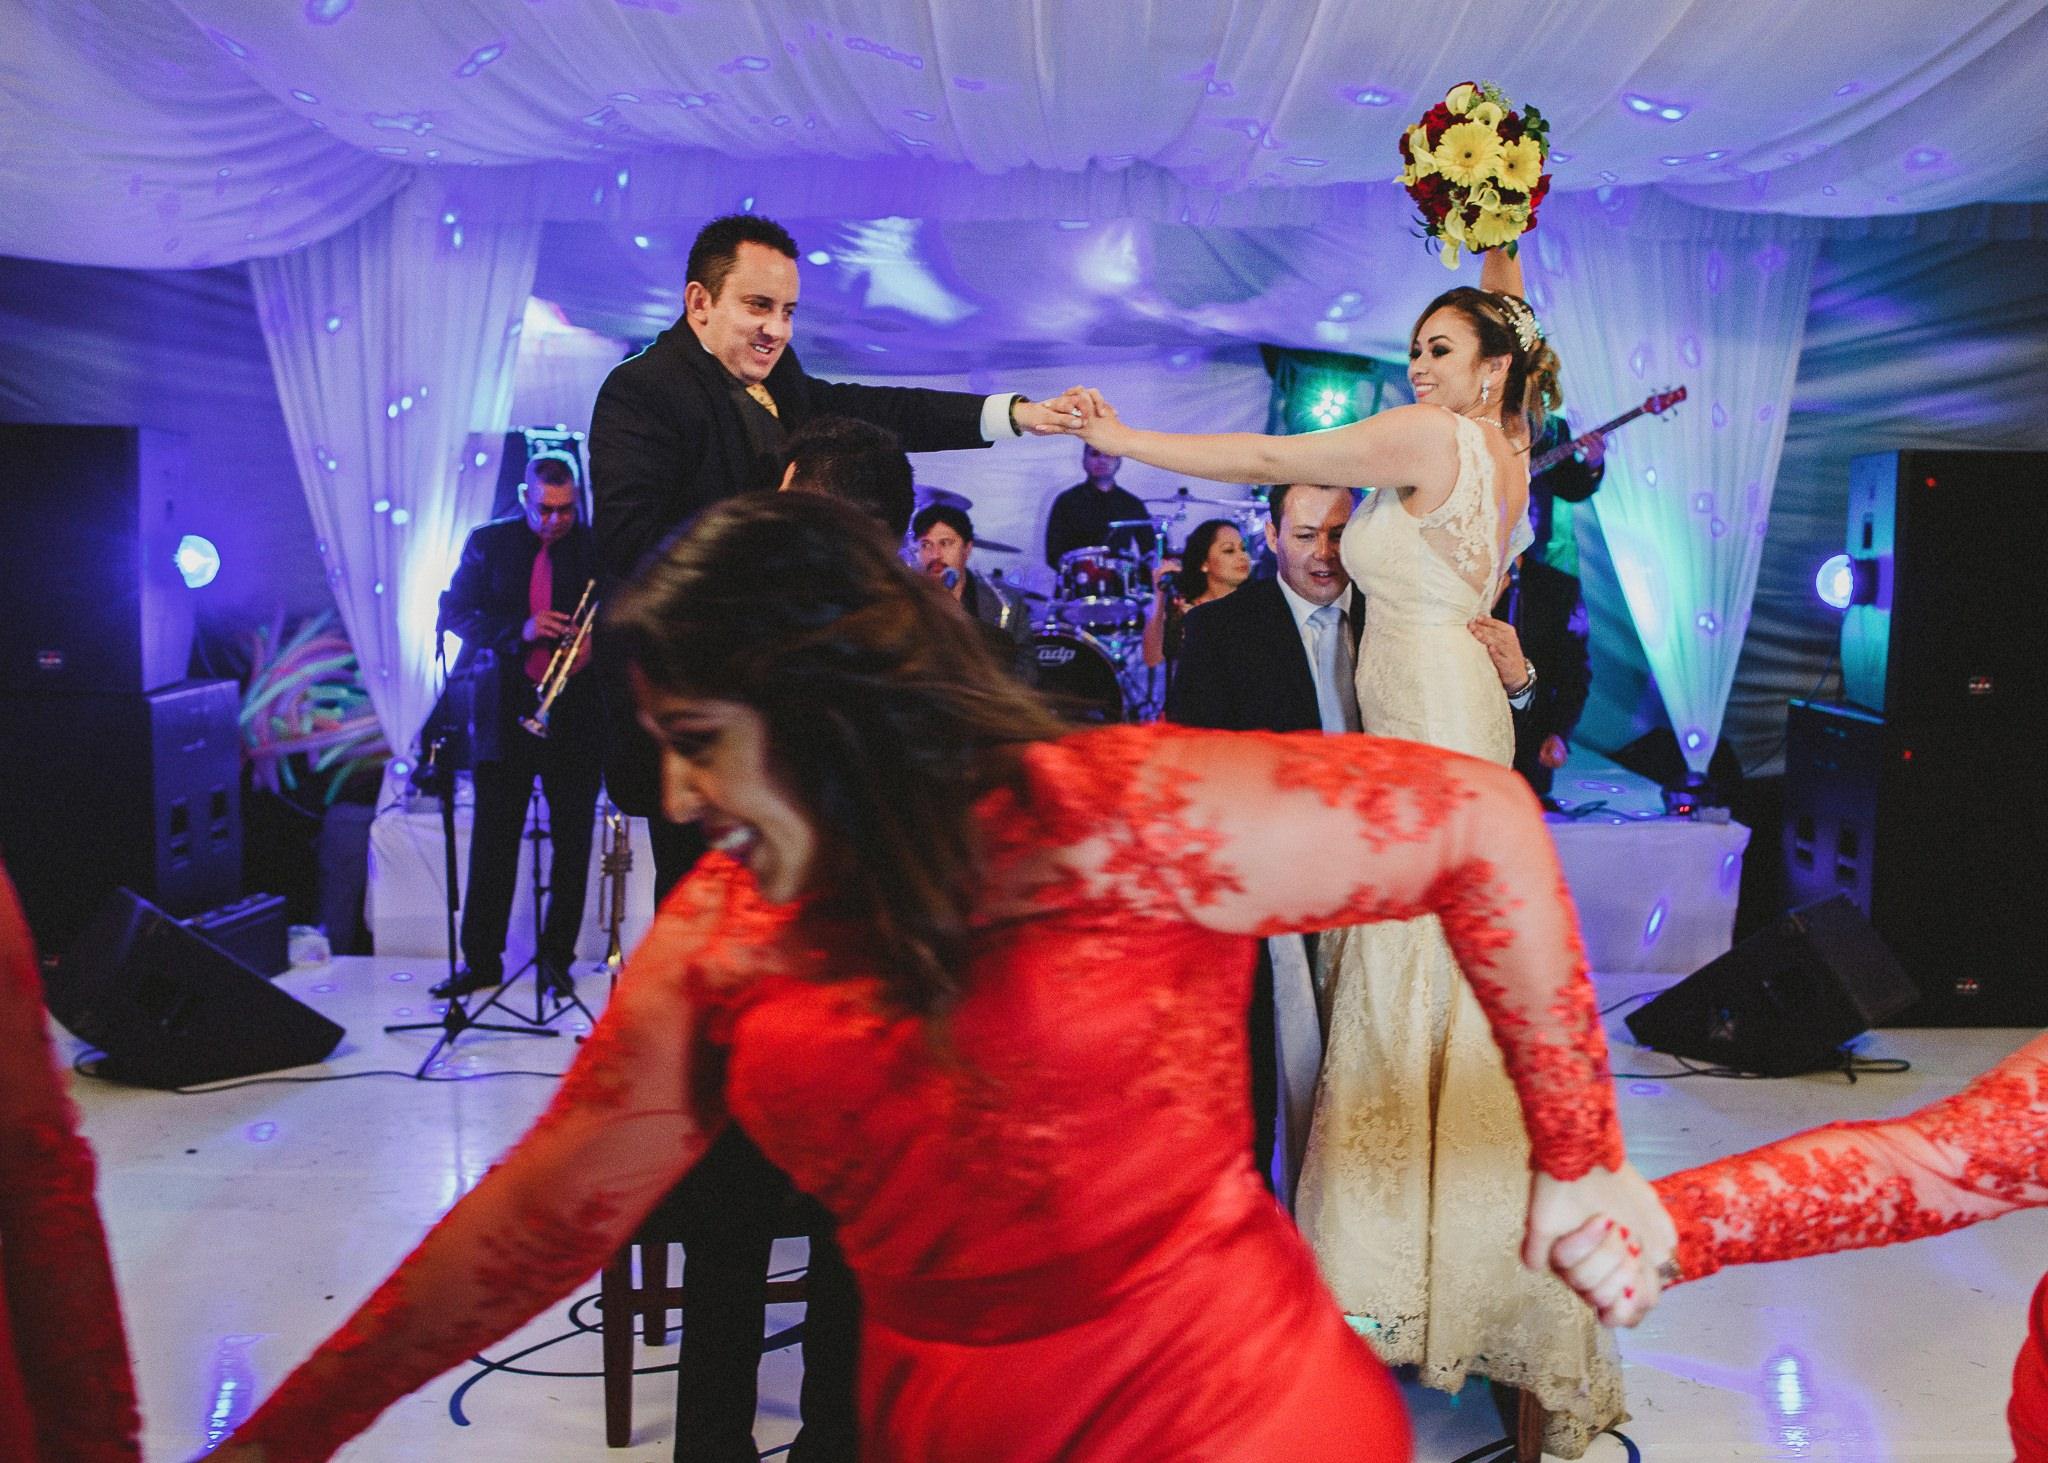 03boda-en-jardin-wedding-hacienda-los-cuartos-fotografo-luis-houdin125